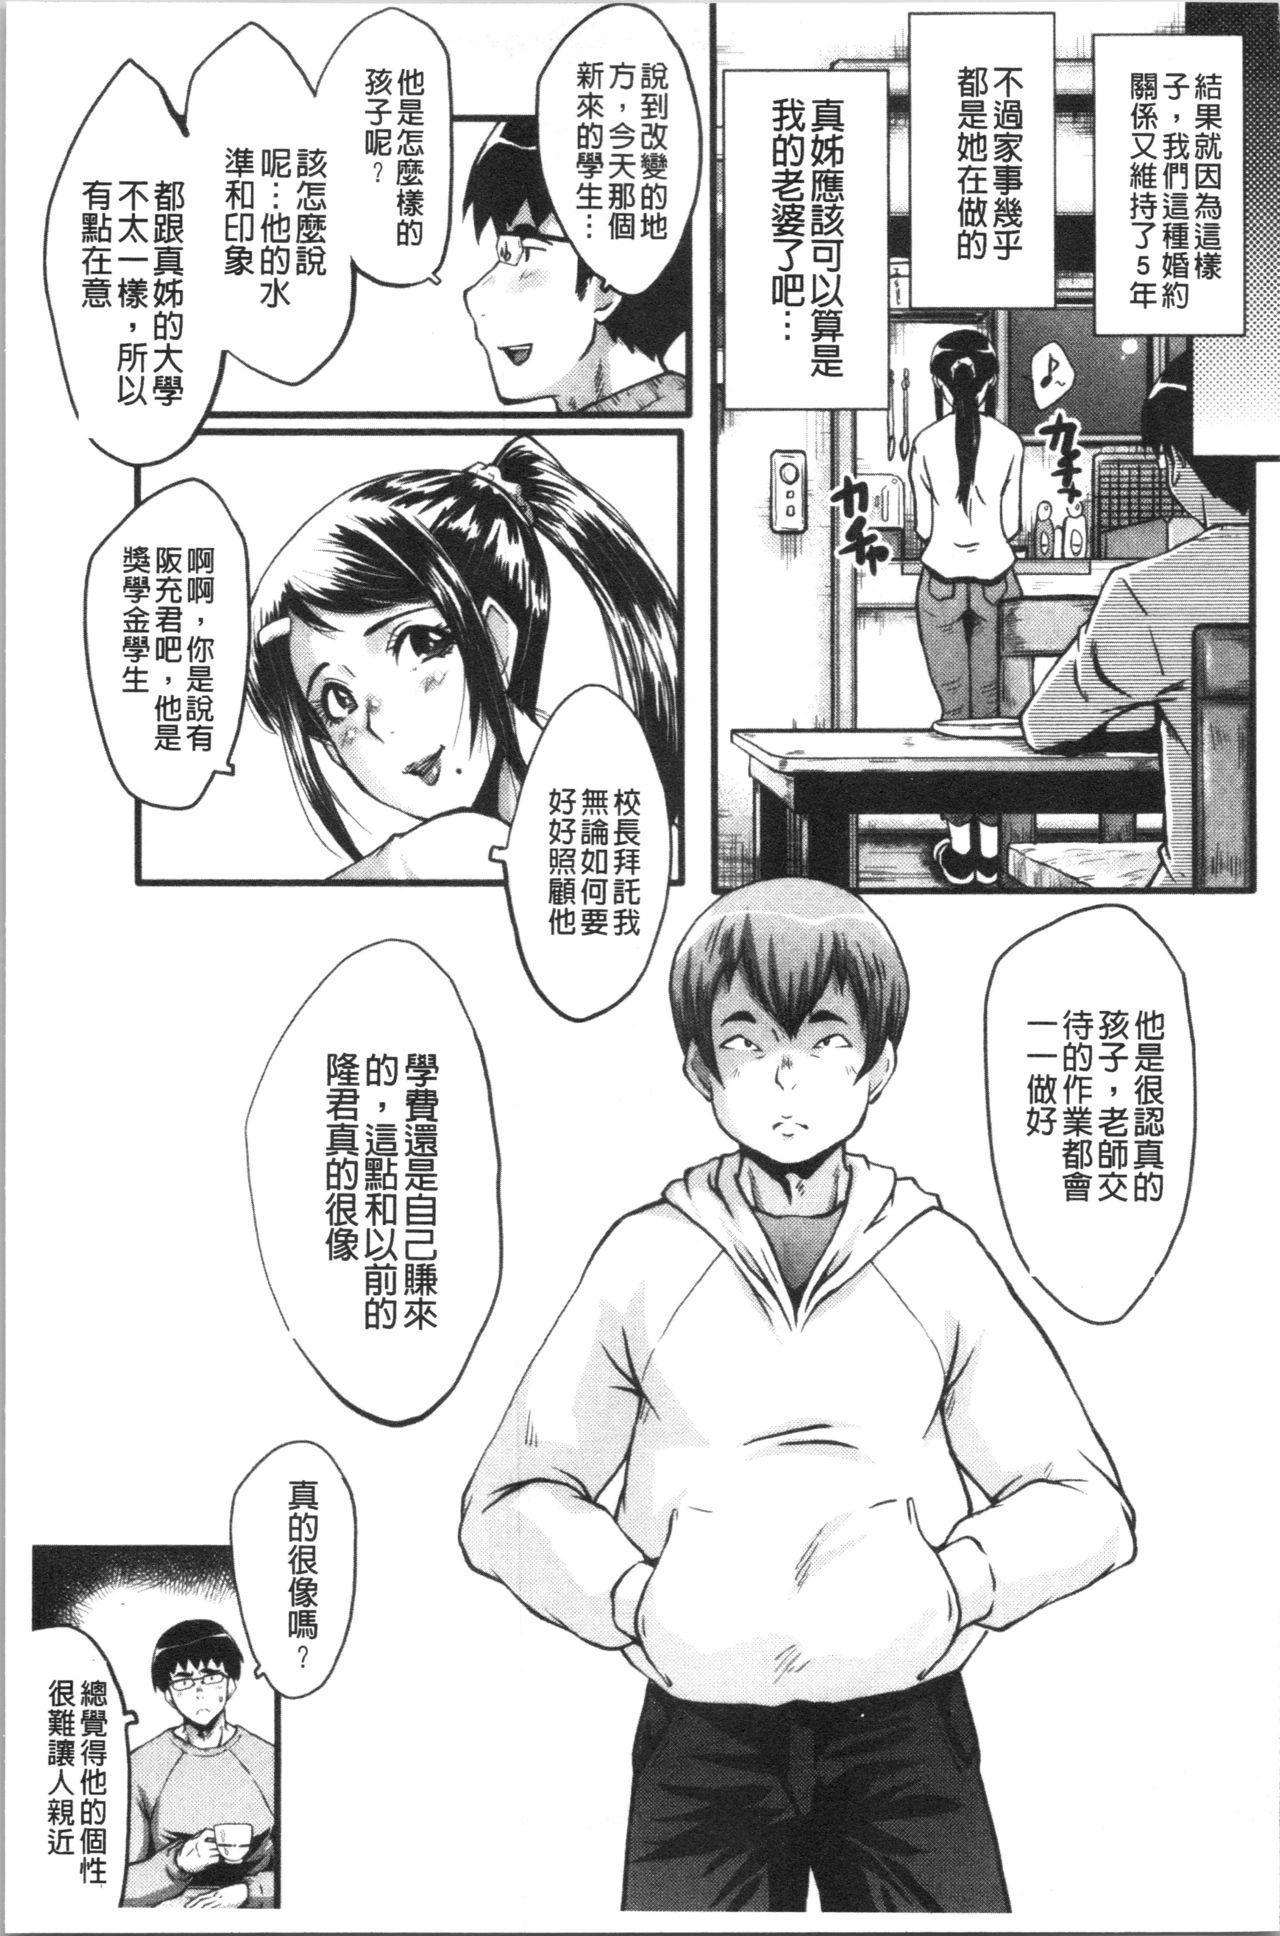 Bokuno Kanojo ga Kusogaki ni Netorareta Hanashi 10